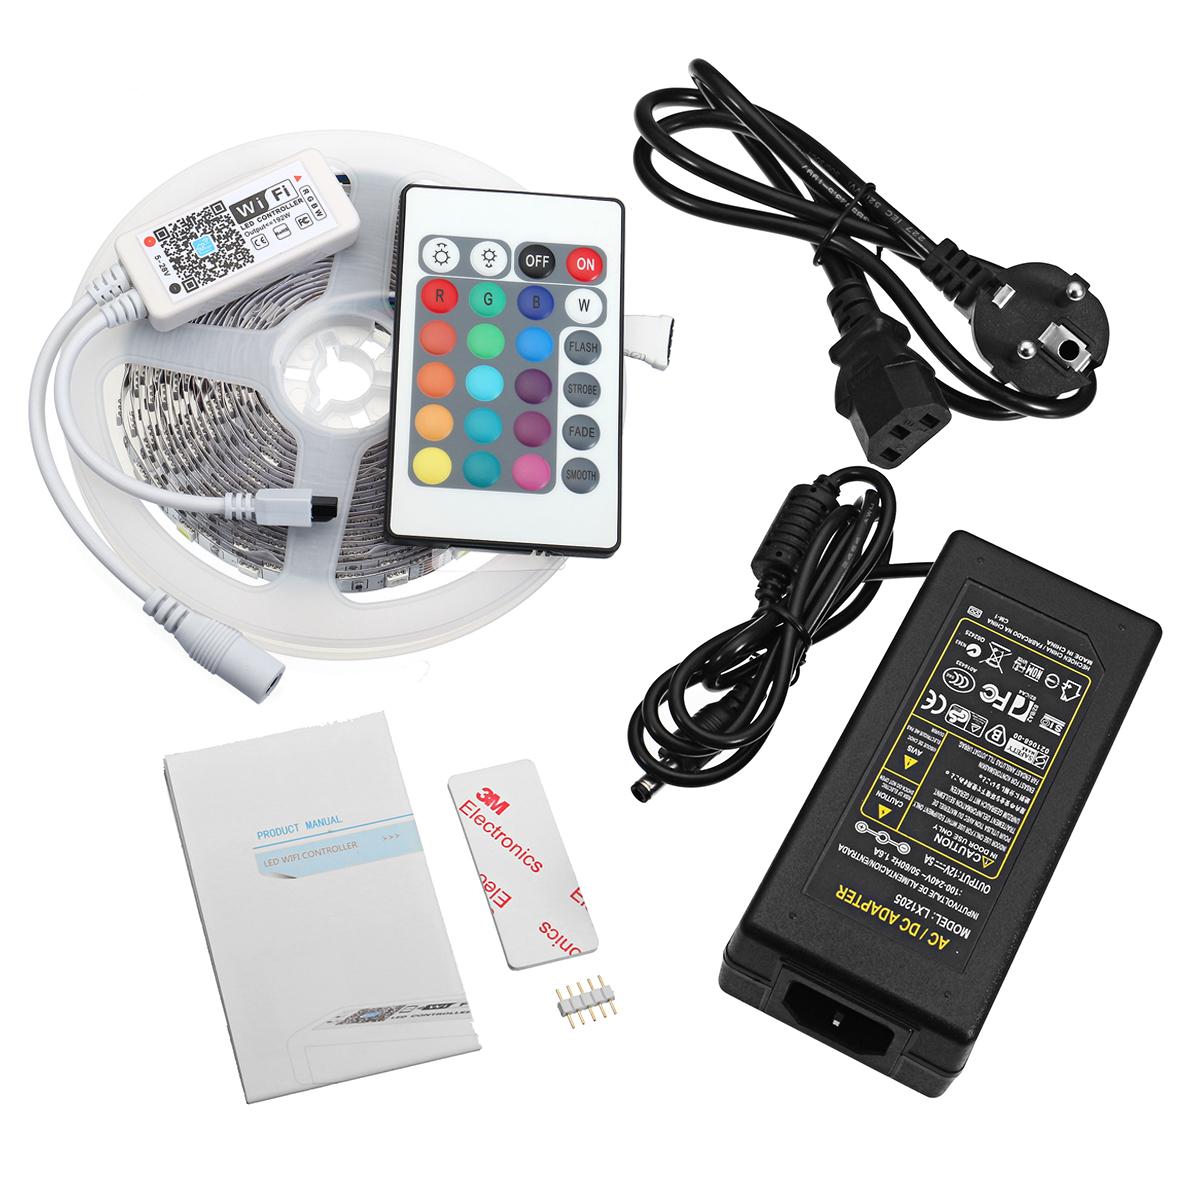 Bộ Điều Khiển Điện Thoại Thông Minh Alexa Alex 550 Smd5050 Rgbw Không Chống Nước